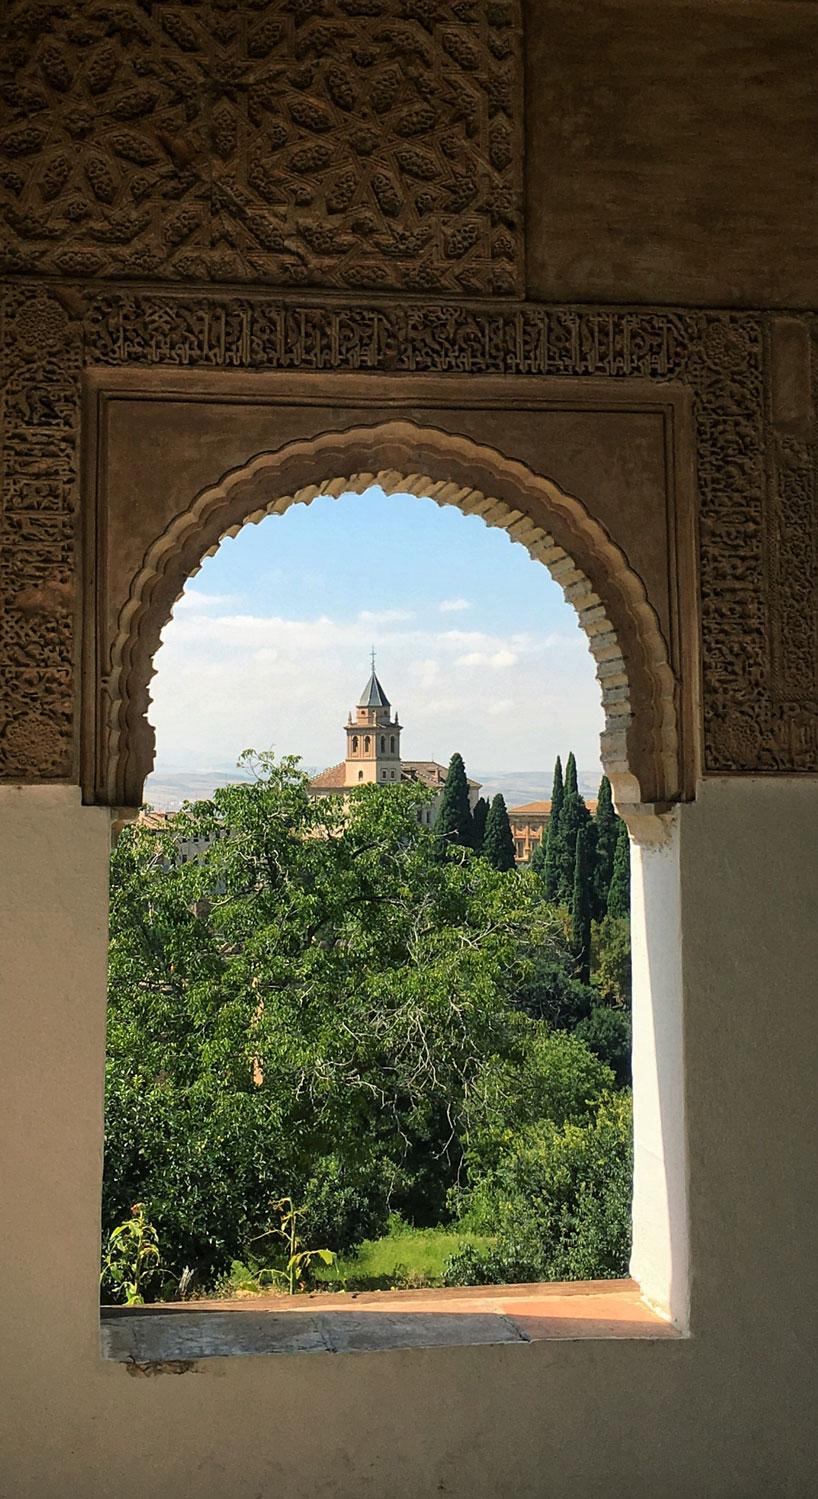 Ausblick aus dem Fenster der Burg Alhambra.